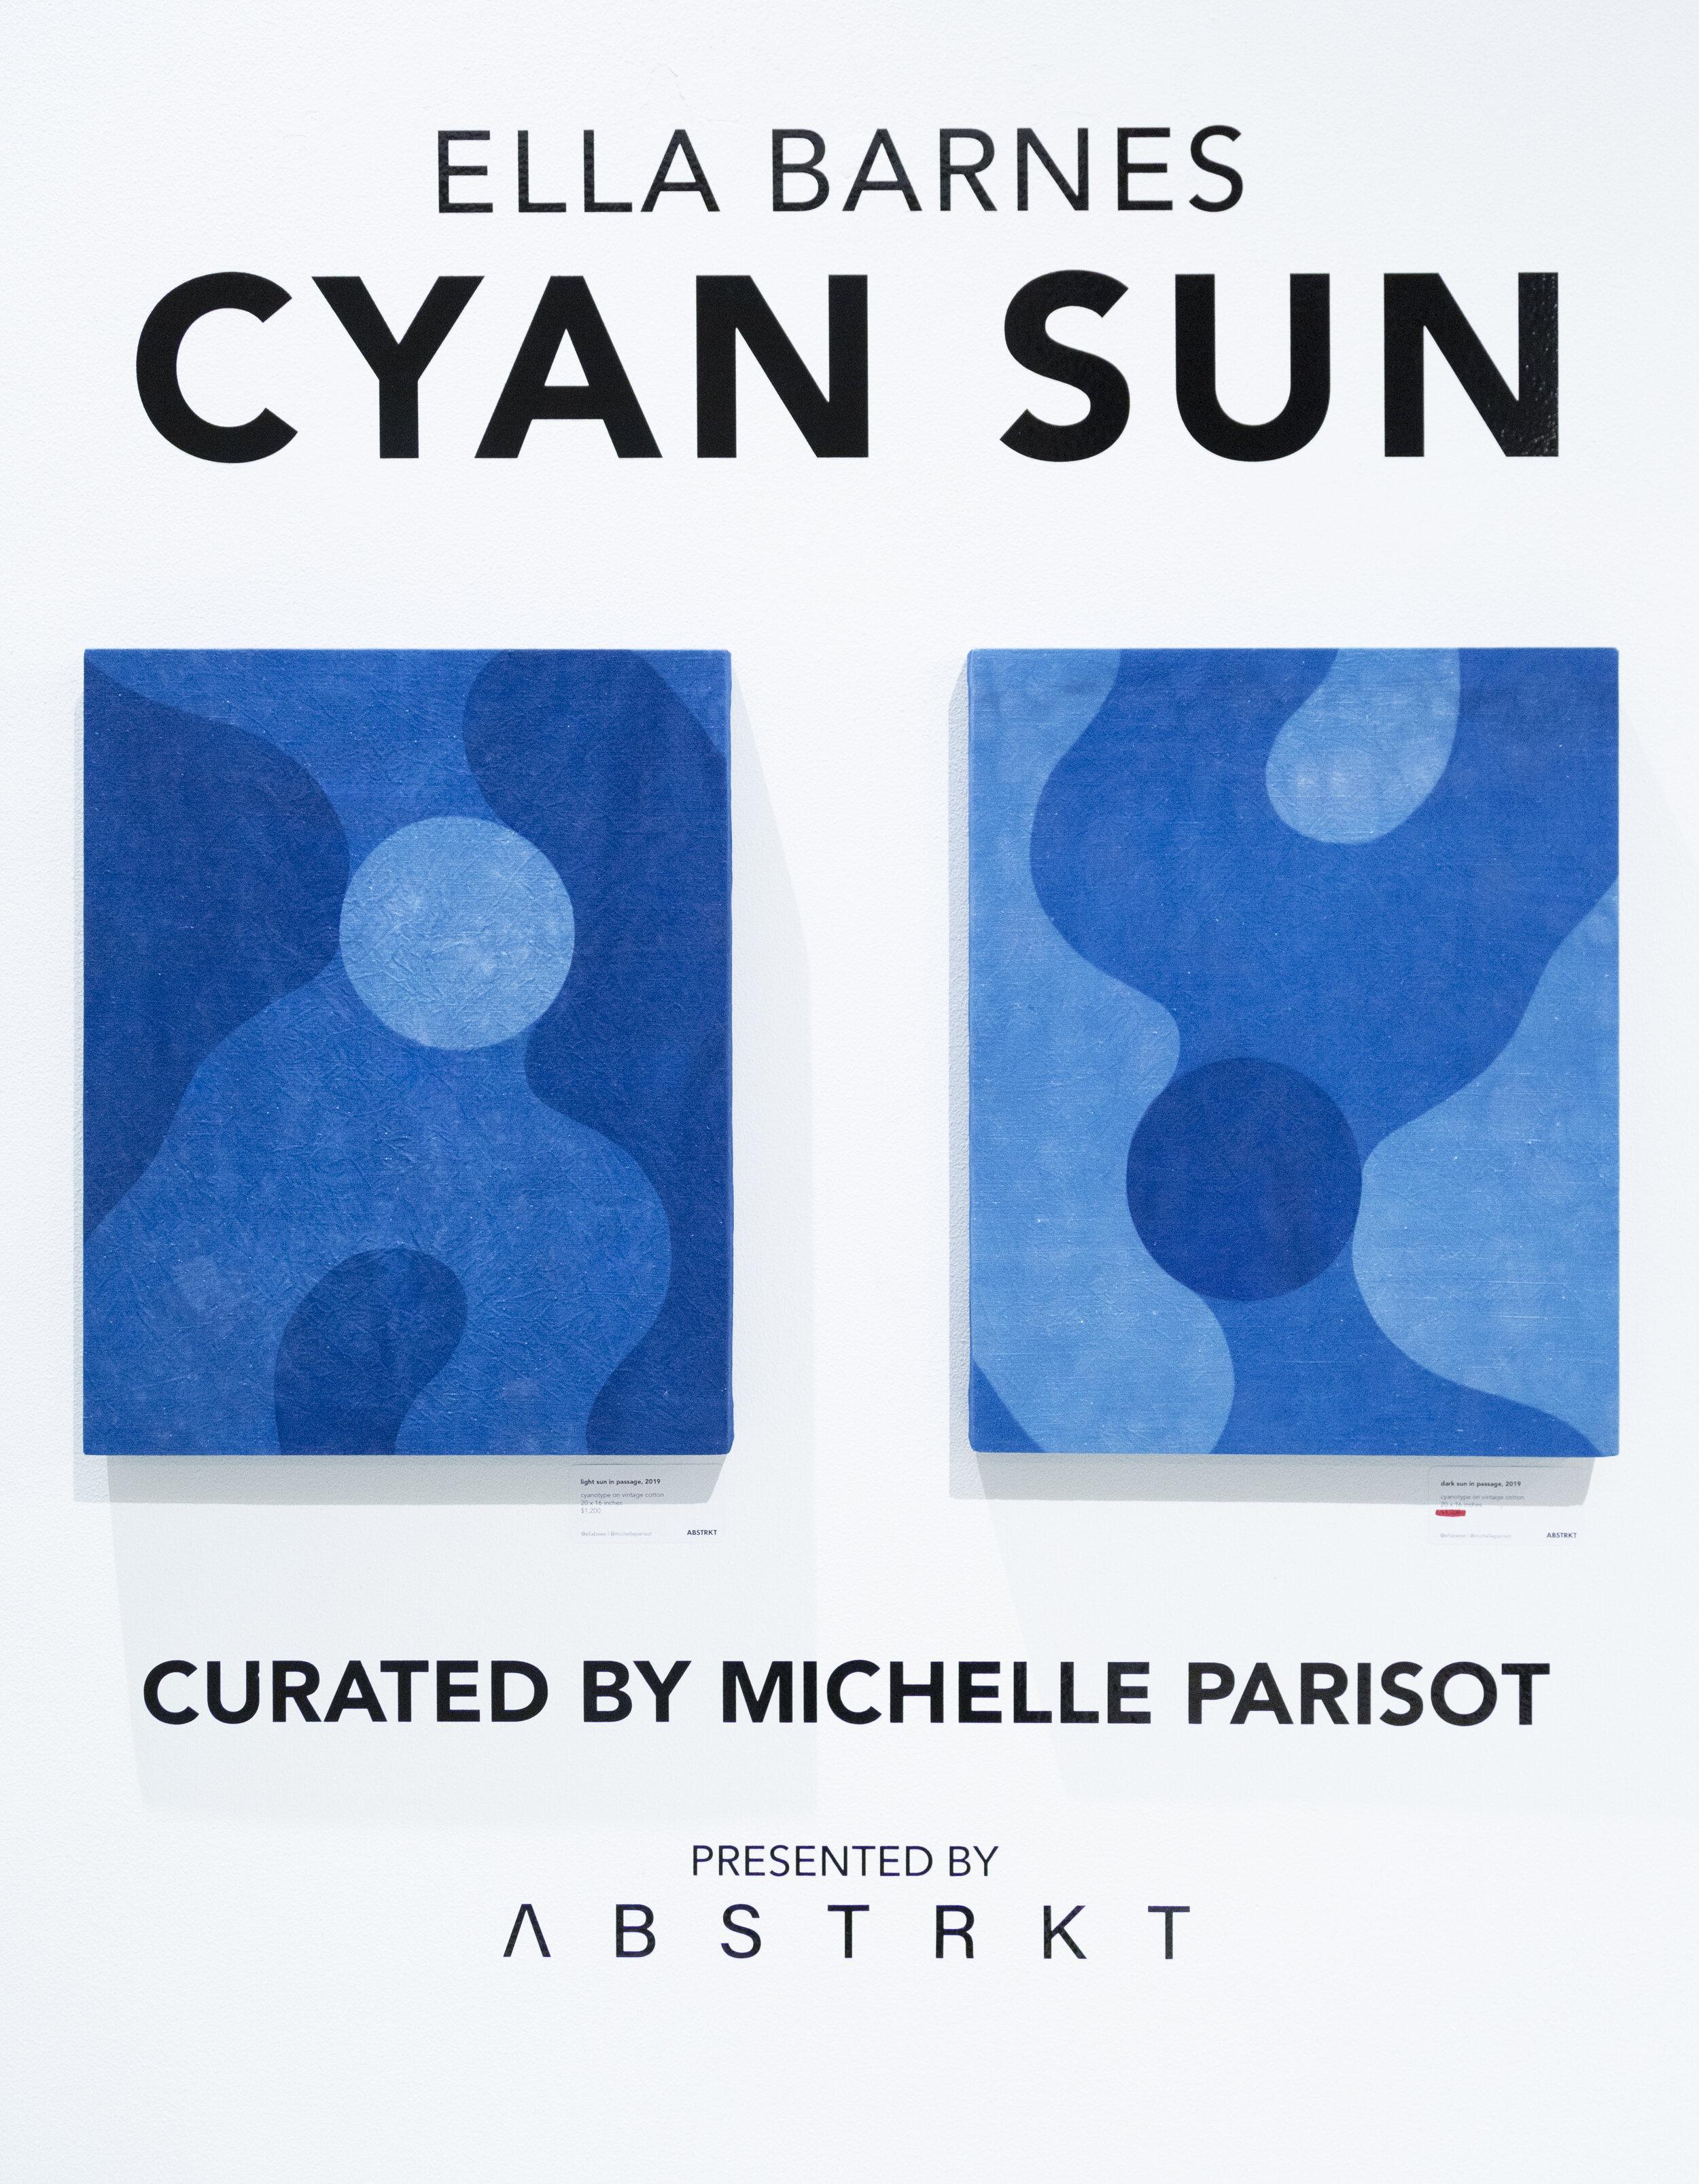 cyan_sun_installation_yard-16.jpg